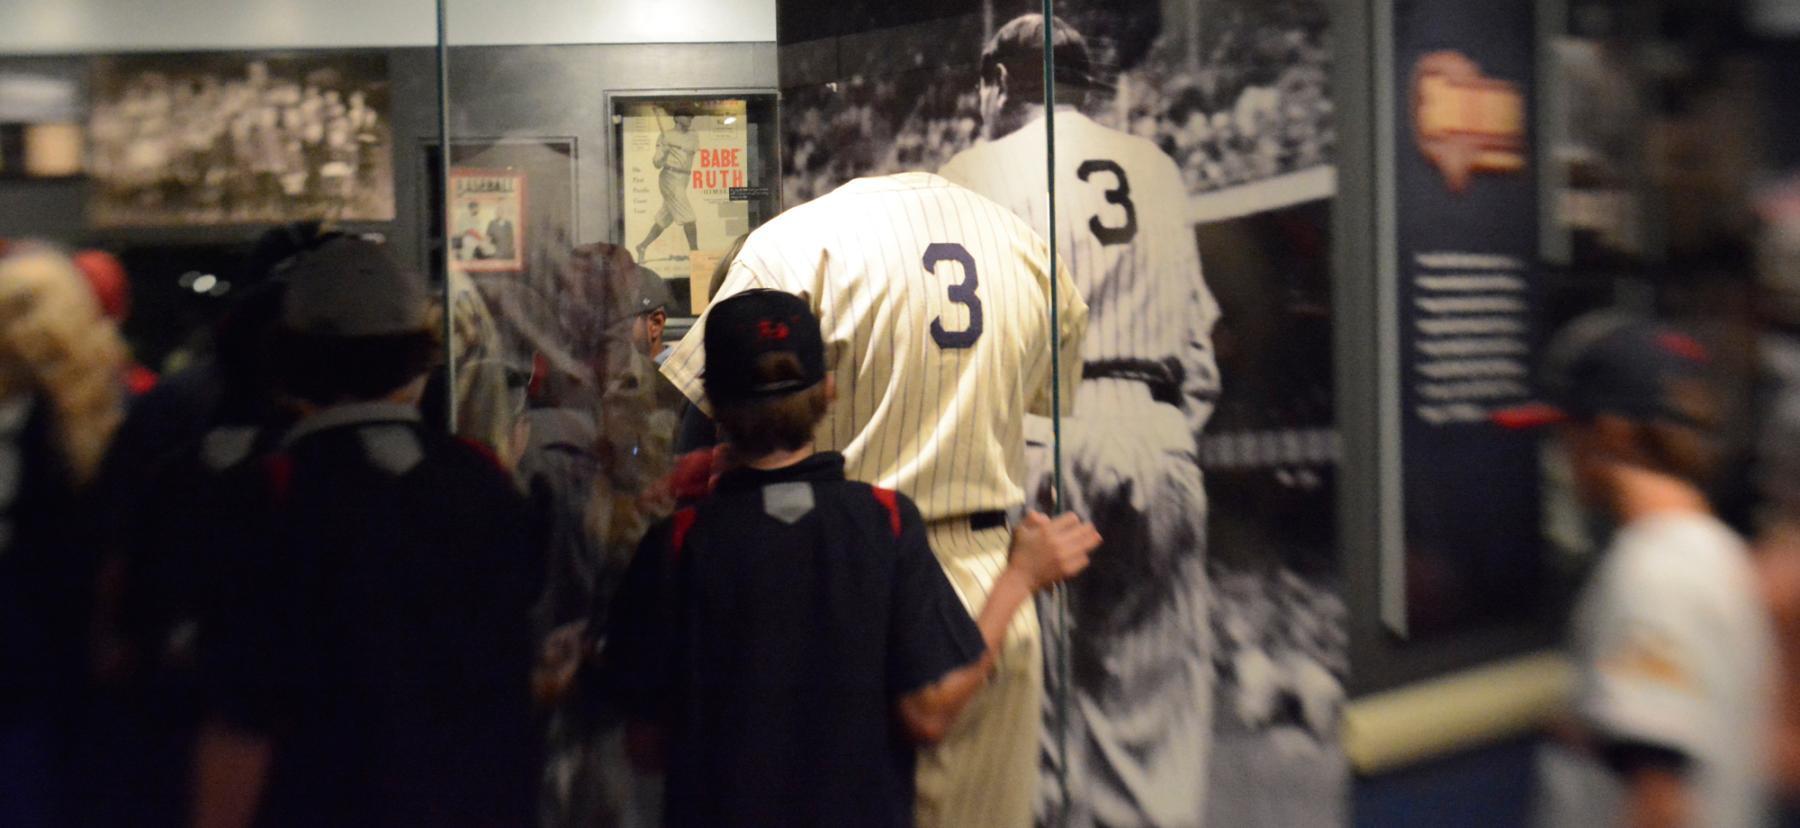 <em>Babe Ruth: His Life and Legend</em> (Milo Stewart Jr./National Baseball Hall of Fame)